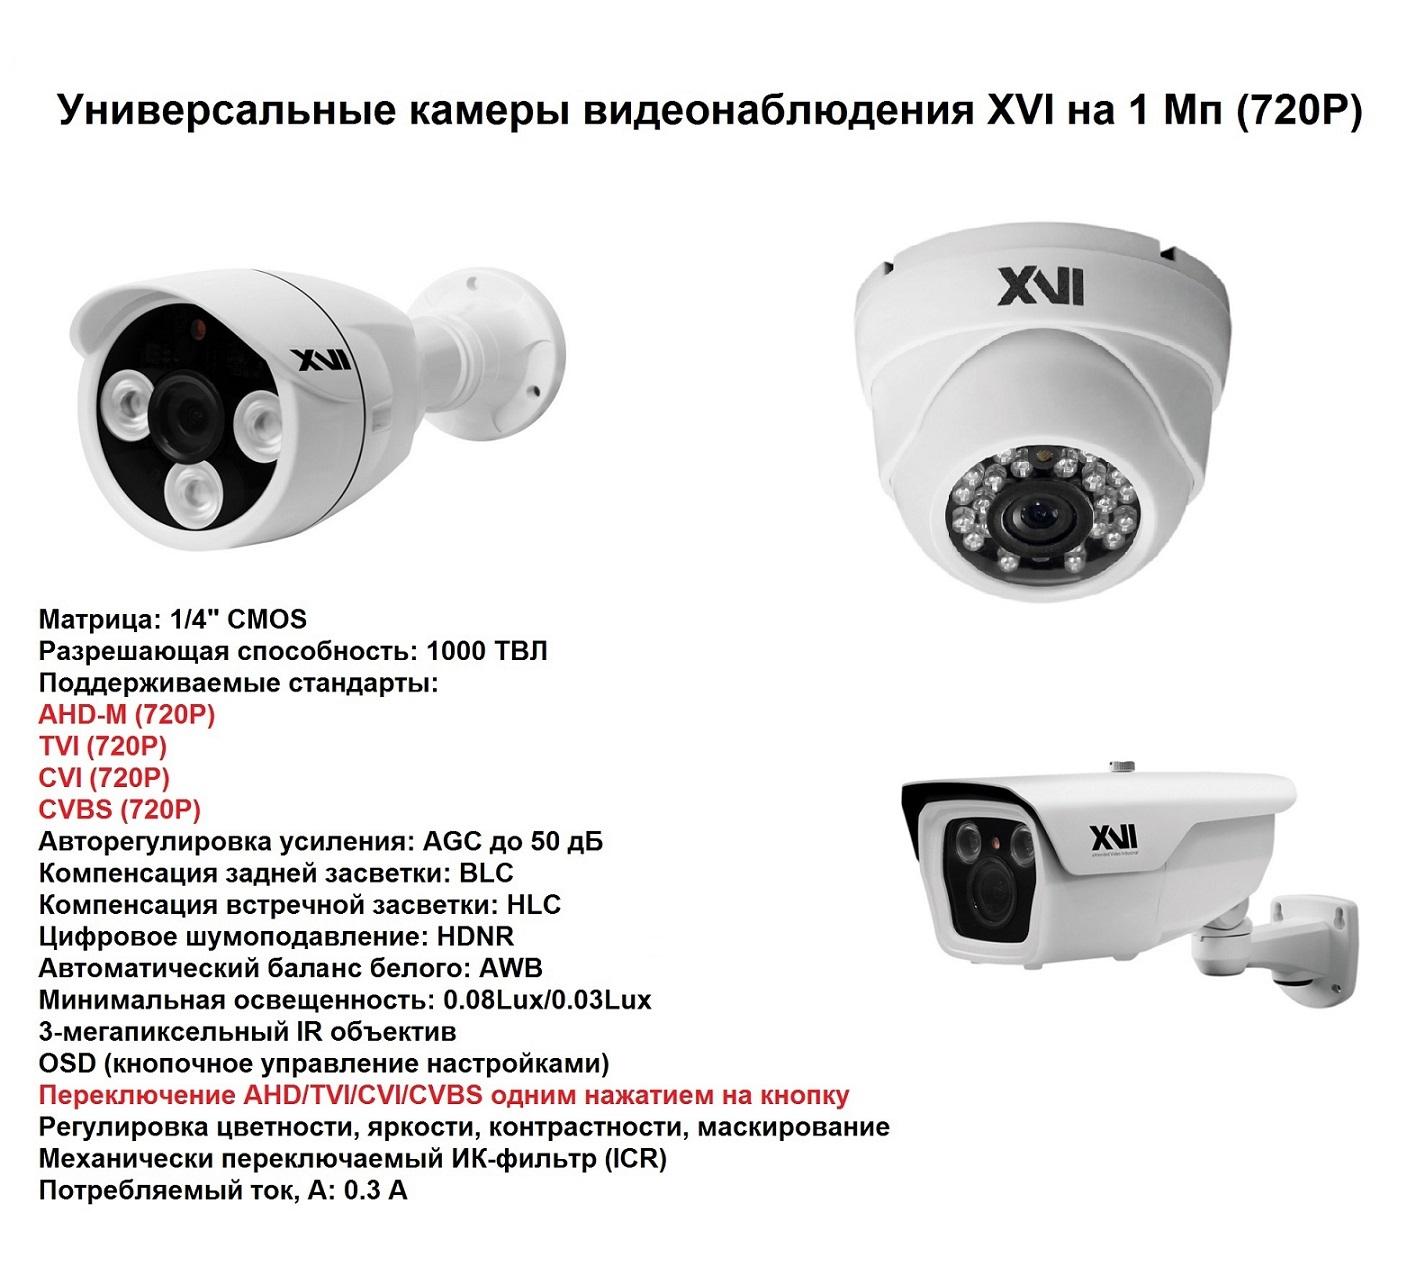 Защита для камеры видеонаблюдения своими руками 76